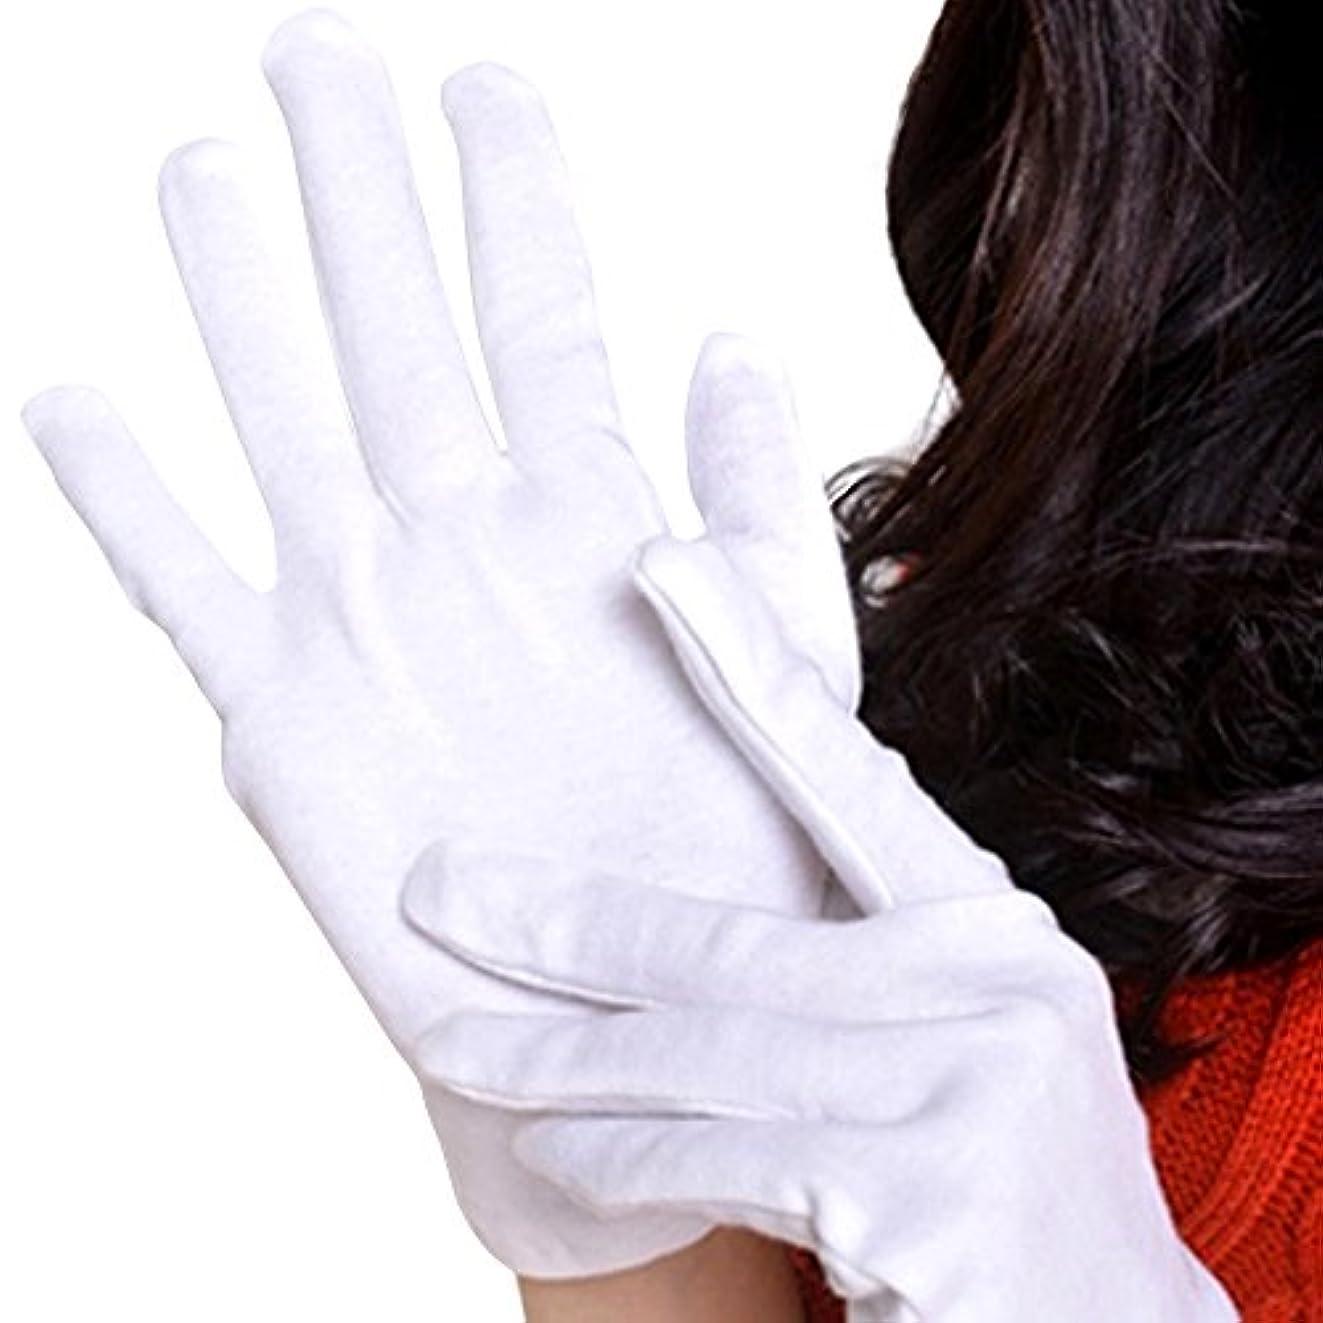 キャンパスマラドロイト修道院【Lucky Style】 おやすみ 手袋 綿 コットン 100% 12双組 LL サイズ 白